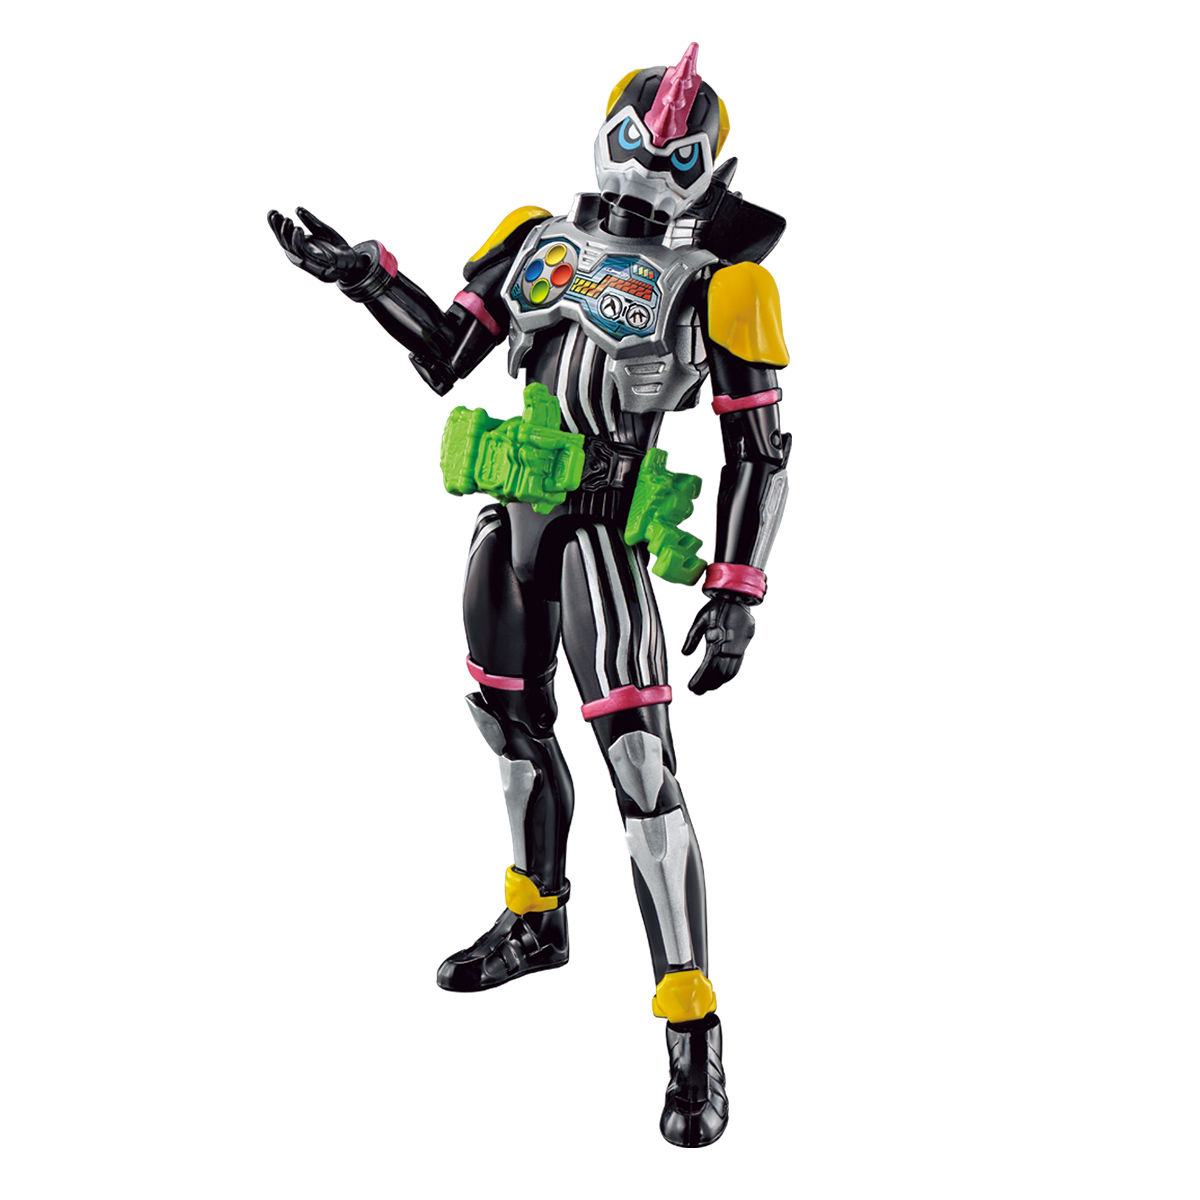 RKFレジェンドライダーシリーズ『仮面ライダーレーザーターボ バイクゲーマー レベル0』可動フィギュア-001